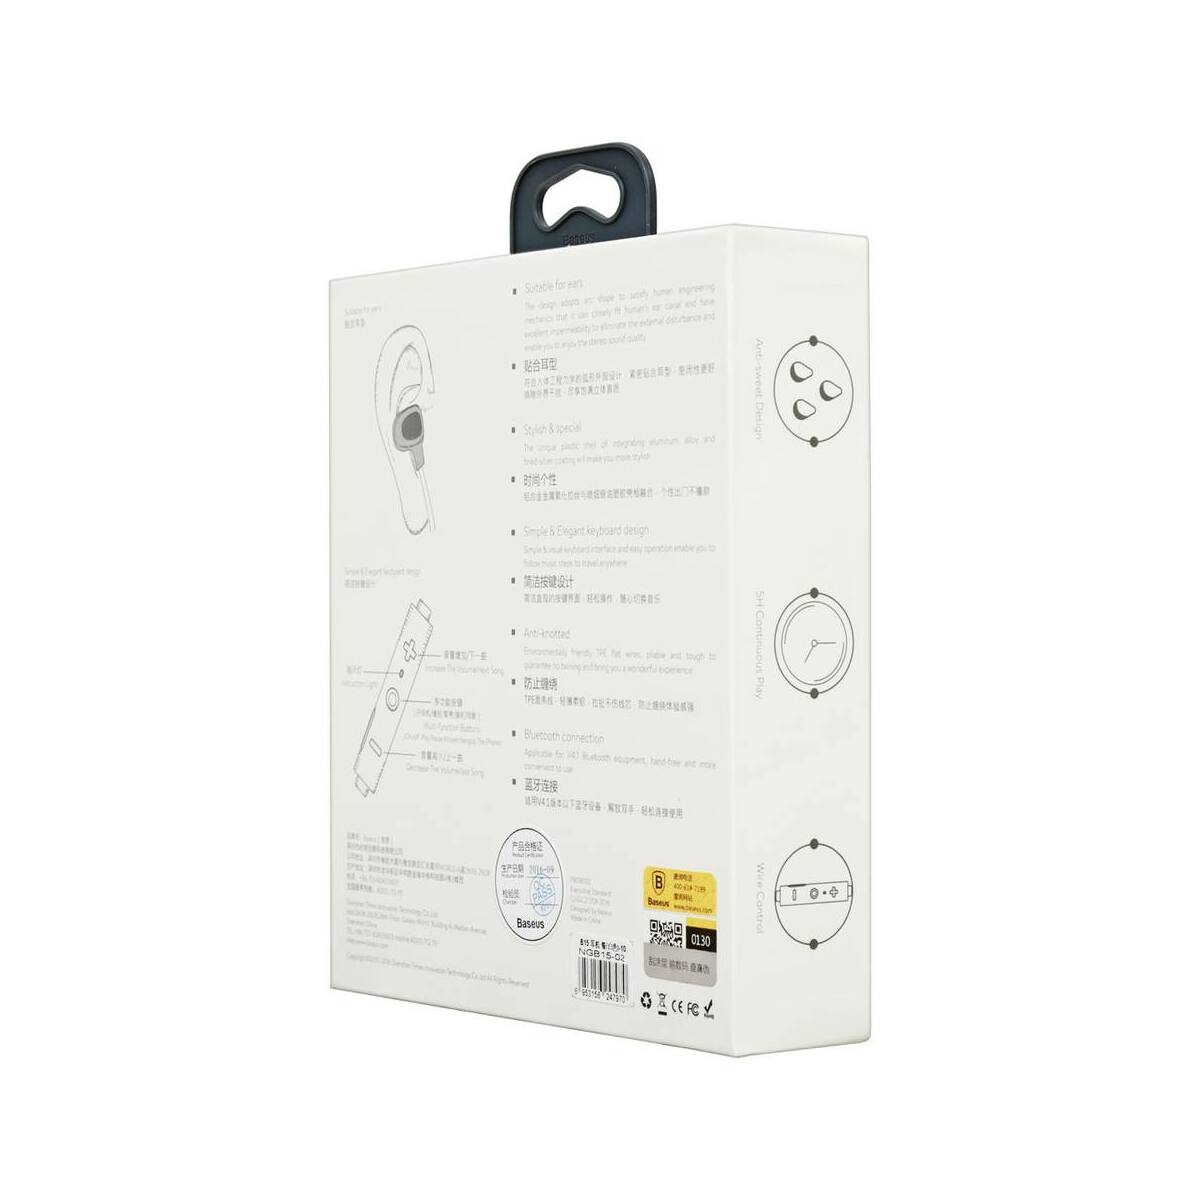 Baseus fülhallgató, Bluetooth Encok B15, Seal vezeték nélküli, sztereó, ezüst/fehér (NGB15-02)